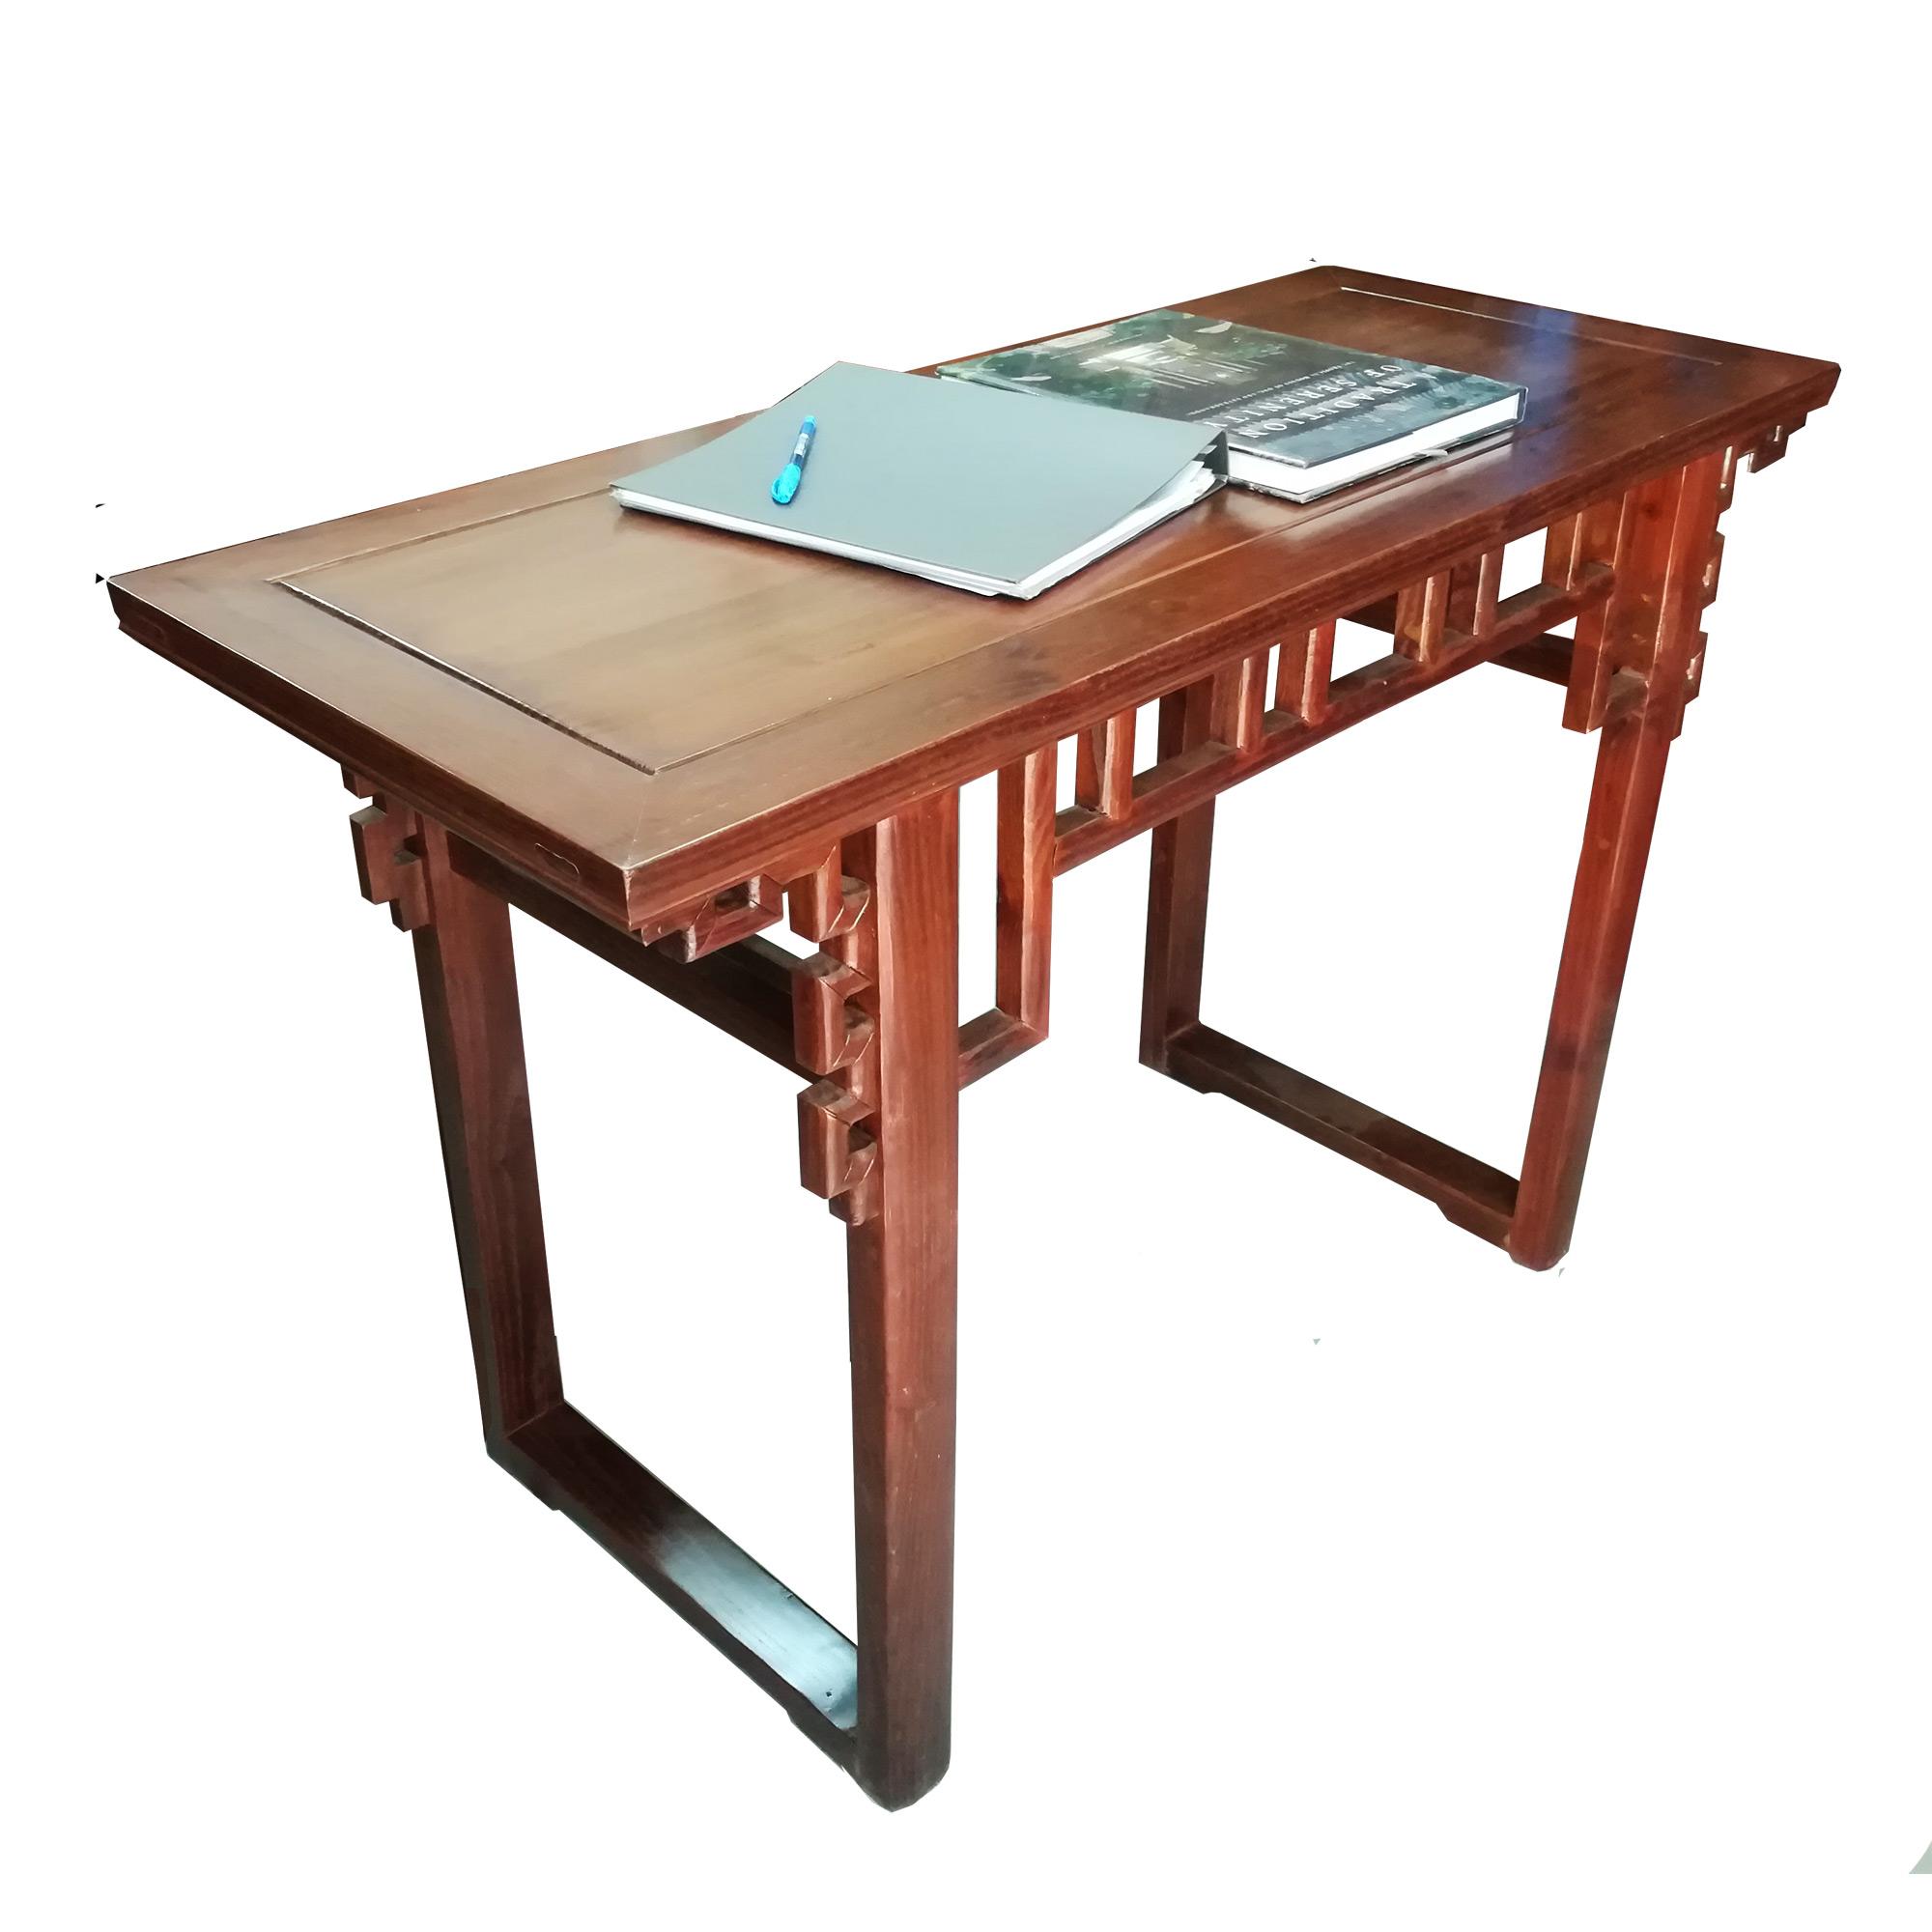 โต๊ะคอนโซลไม้ลายเหลี่ยมสไตล์จีนโมเดิร์น 120 ซม.